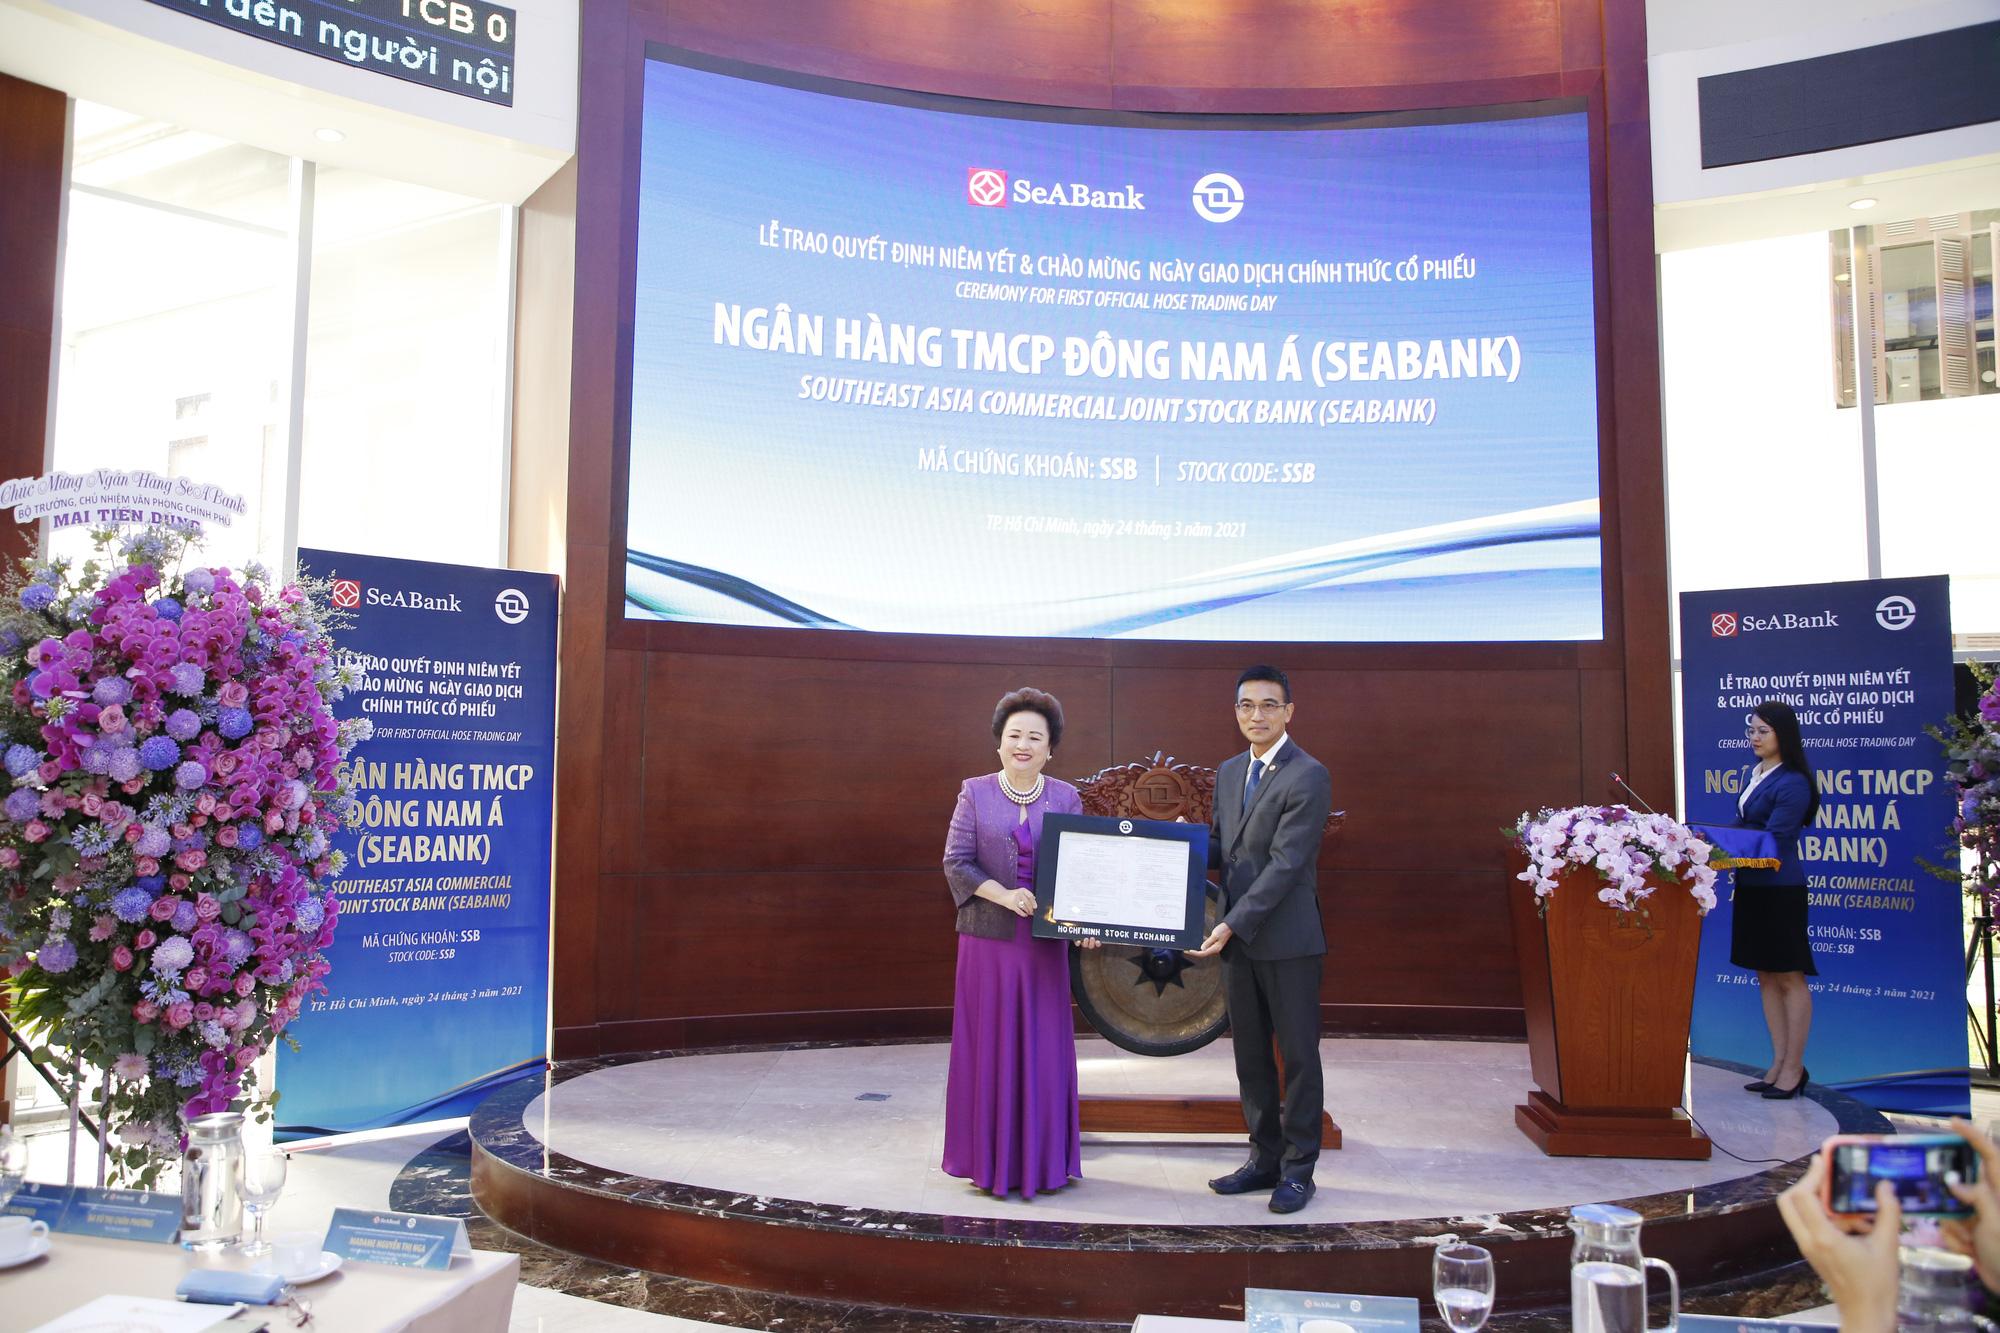 Hơn 1,2 tỷ cổ phiếu SeABank chính thức giao dịch trên sàn chứng khoán, vốn hóa vượt 1 tỷ USD sau phiên ATO - Ảnh 1.